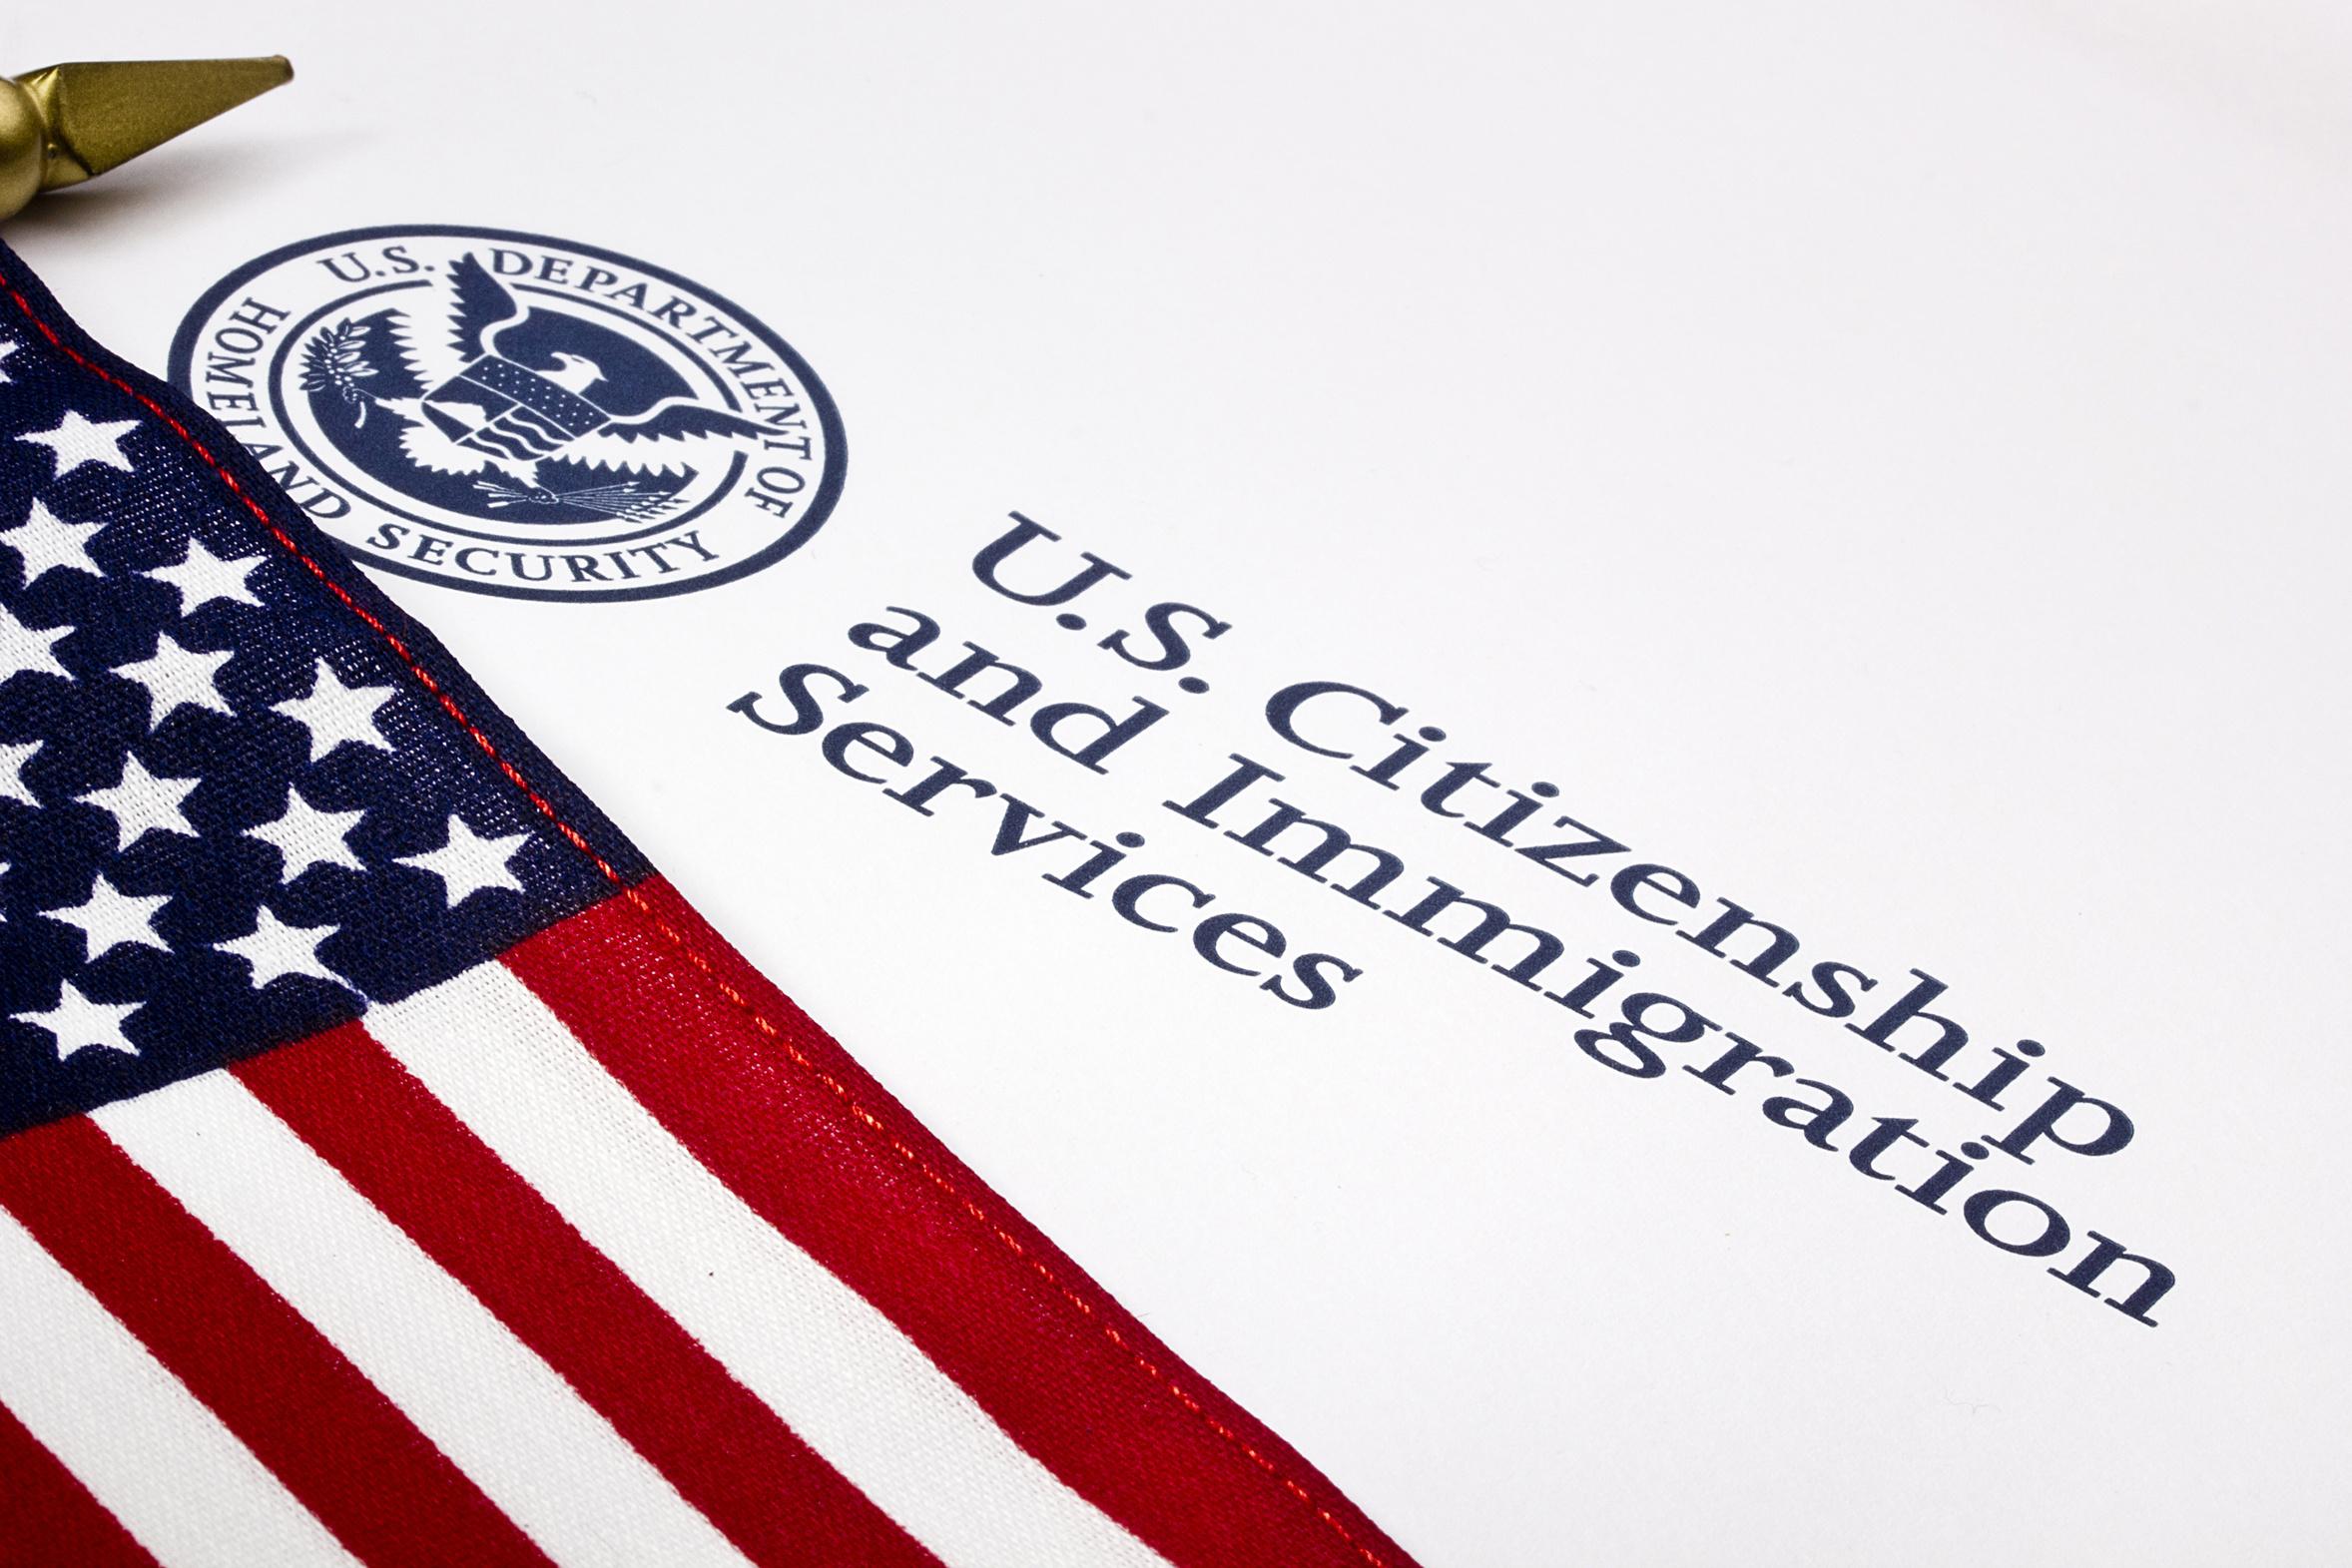 特朗普政府擬進一步限制移民 或限H-1B等簽證